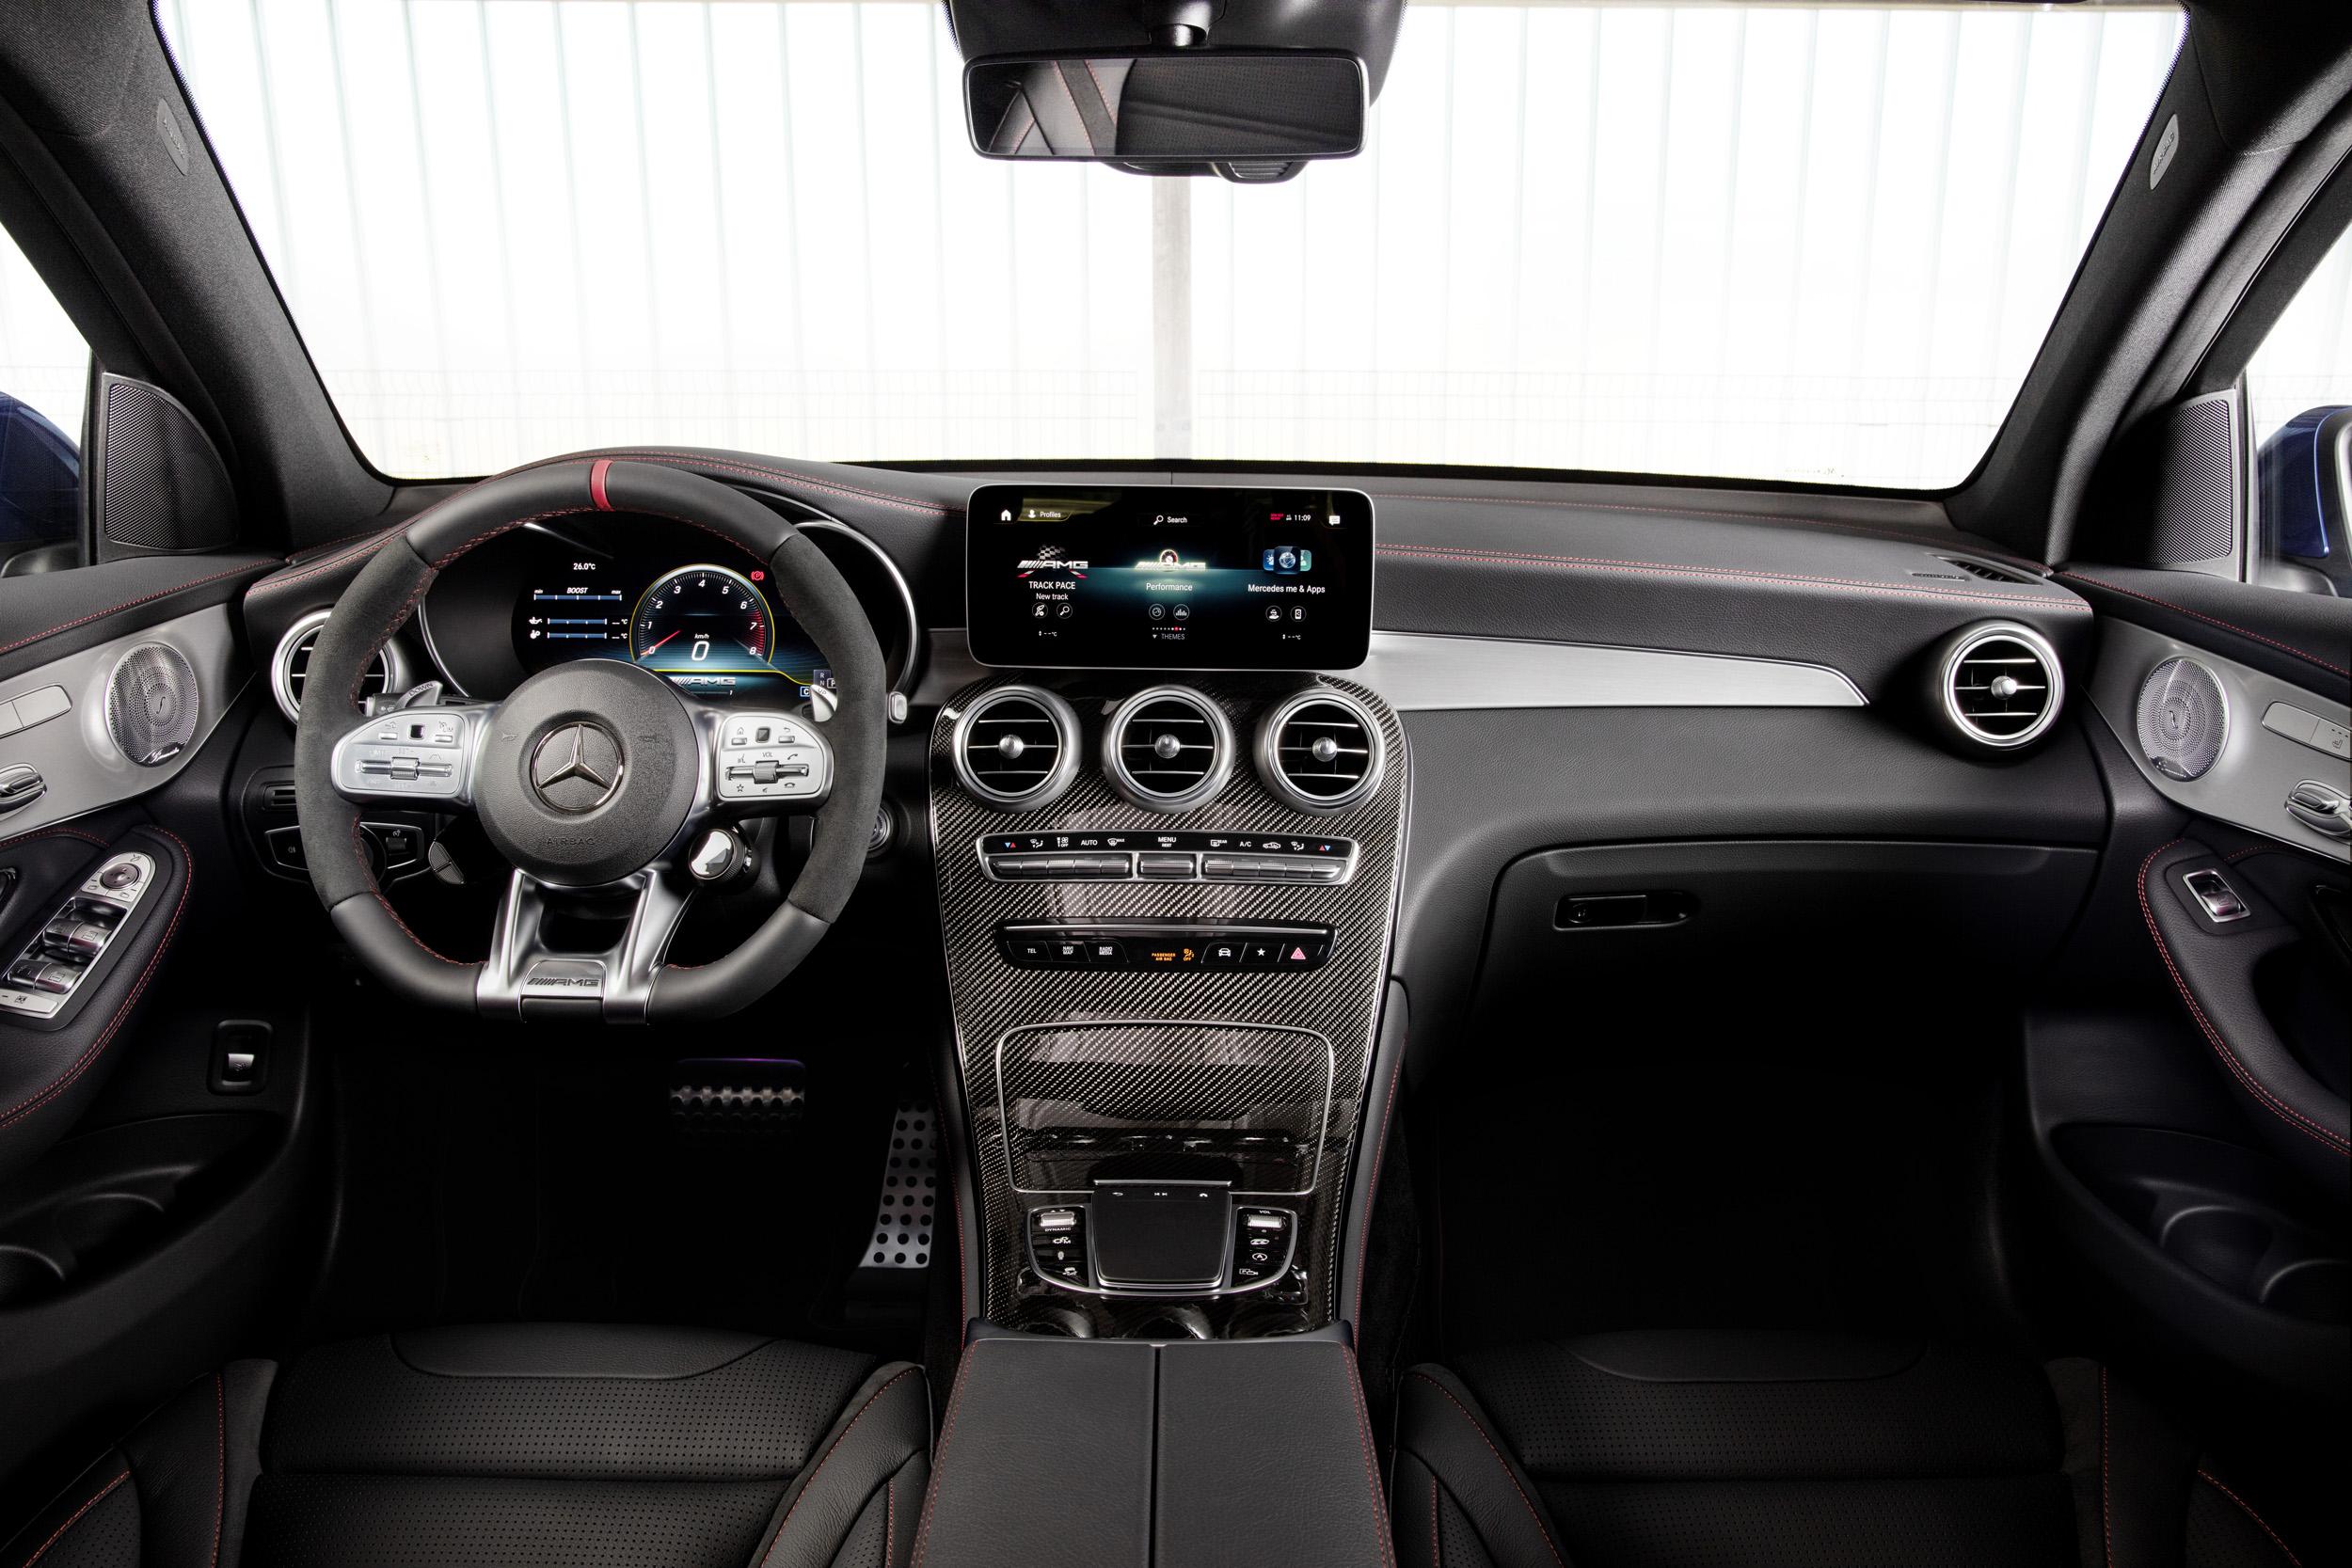 Mercedes-AMG GLC 43 SUV